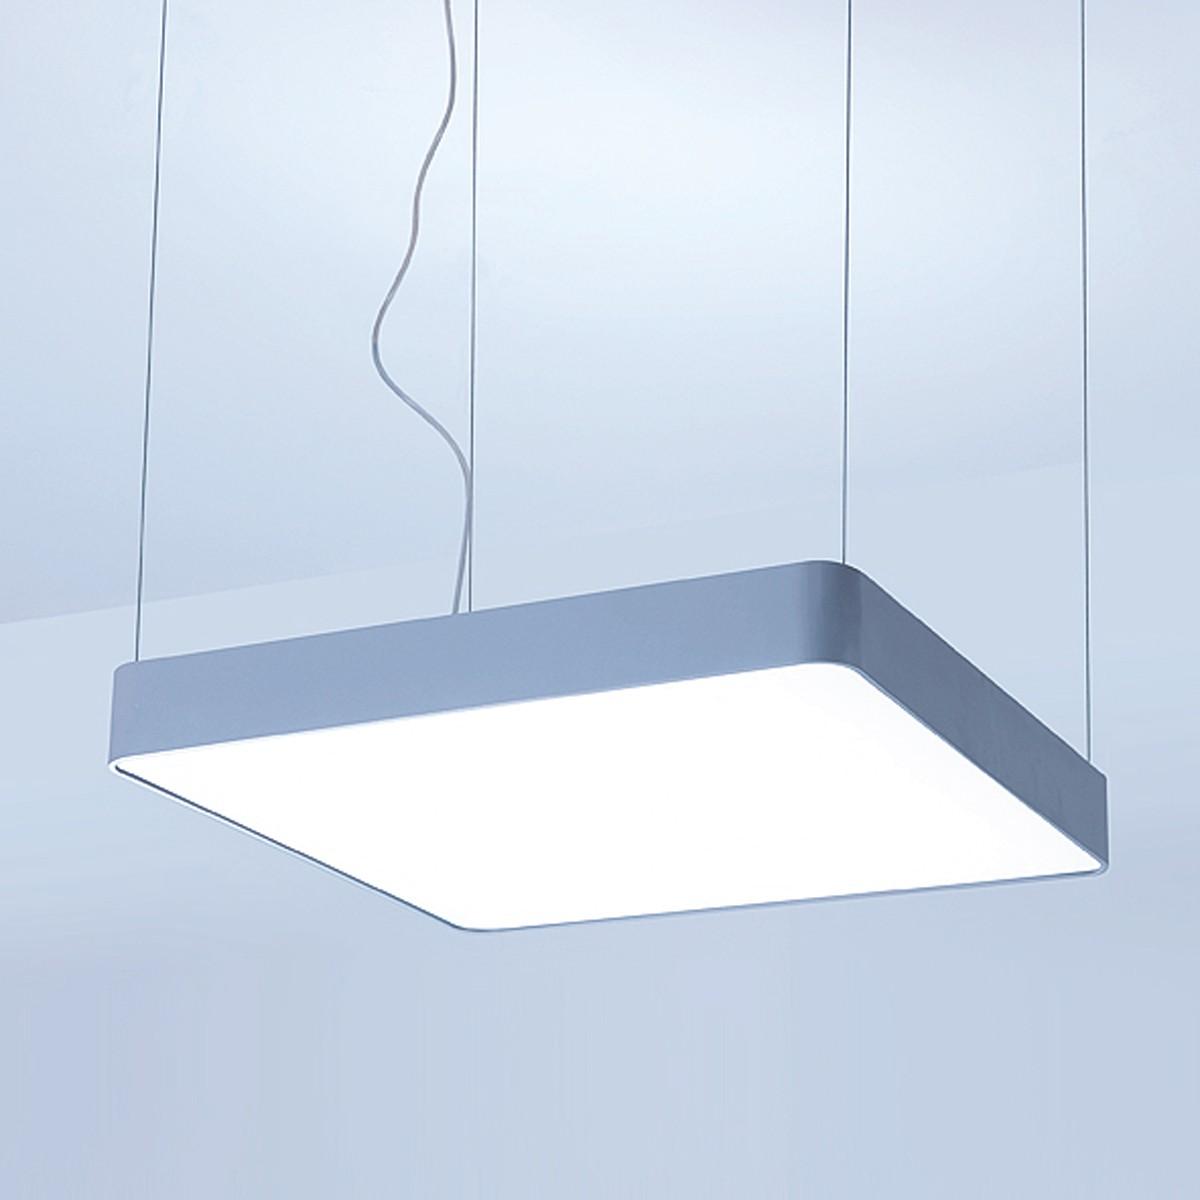 Lightnet Caleo-P2 Pendelleuchte, 90 x 90 cm, Silber matt